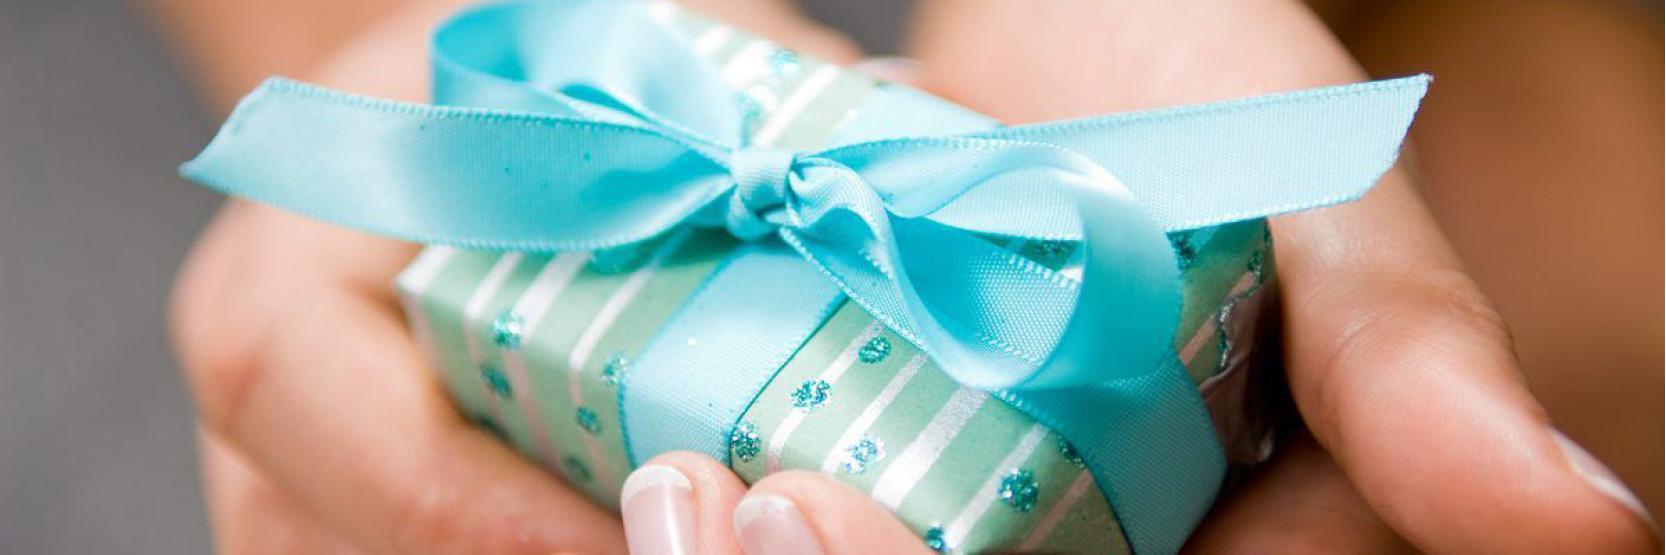 ما تأثير الهدايا في علاقتنا؟